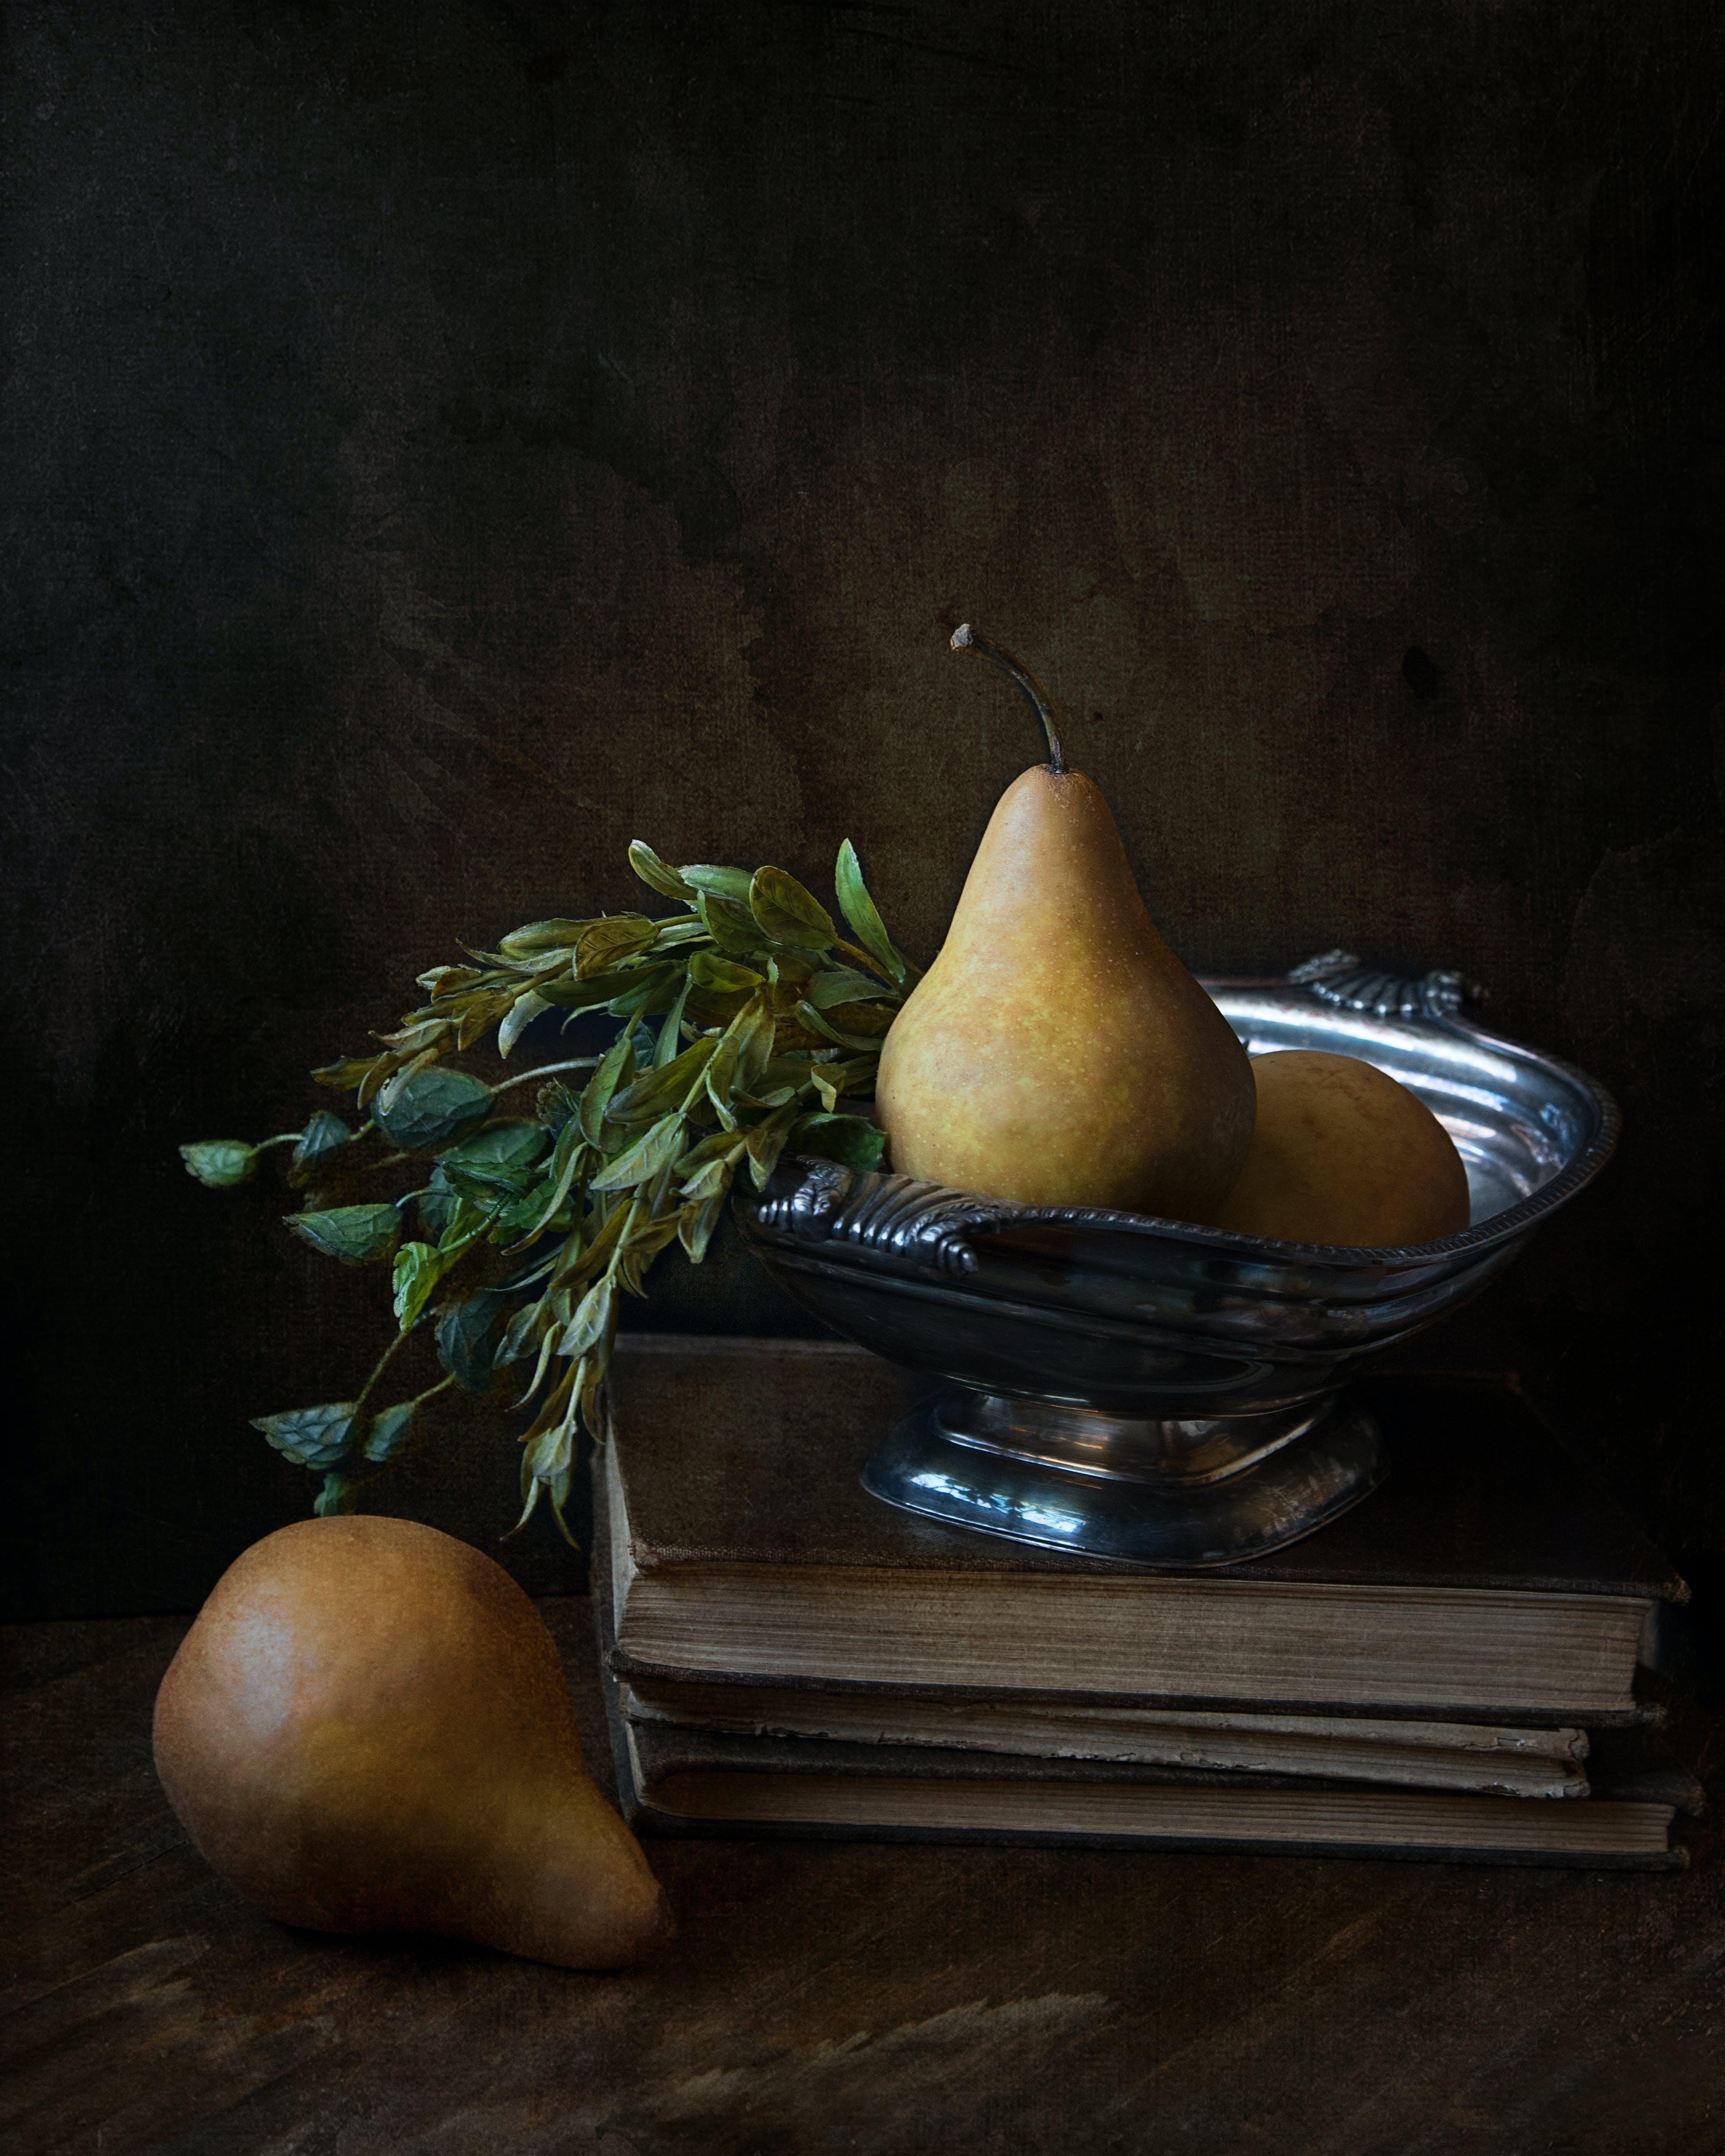 Ingyenes stockfotó élelmiszer, evőeszközök, gyümölcsök, könyvek témában